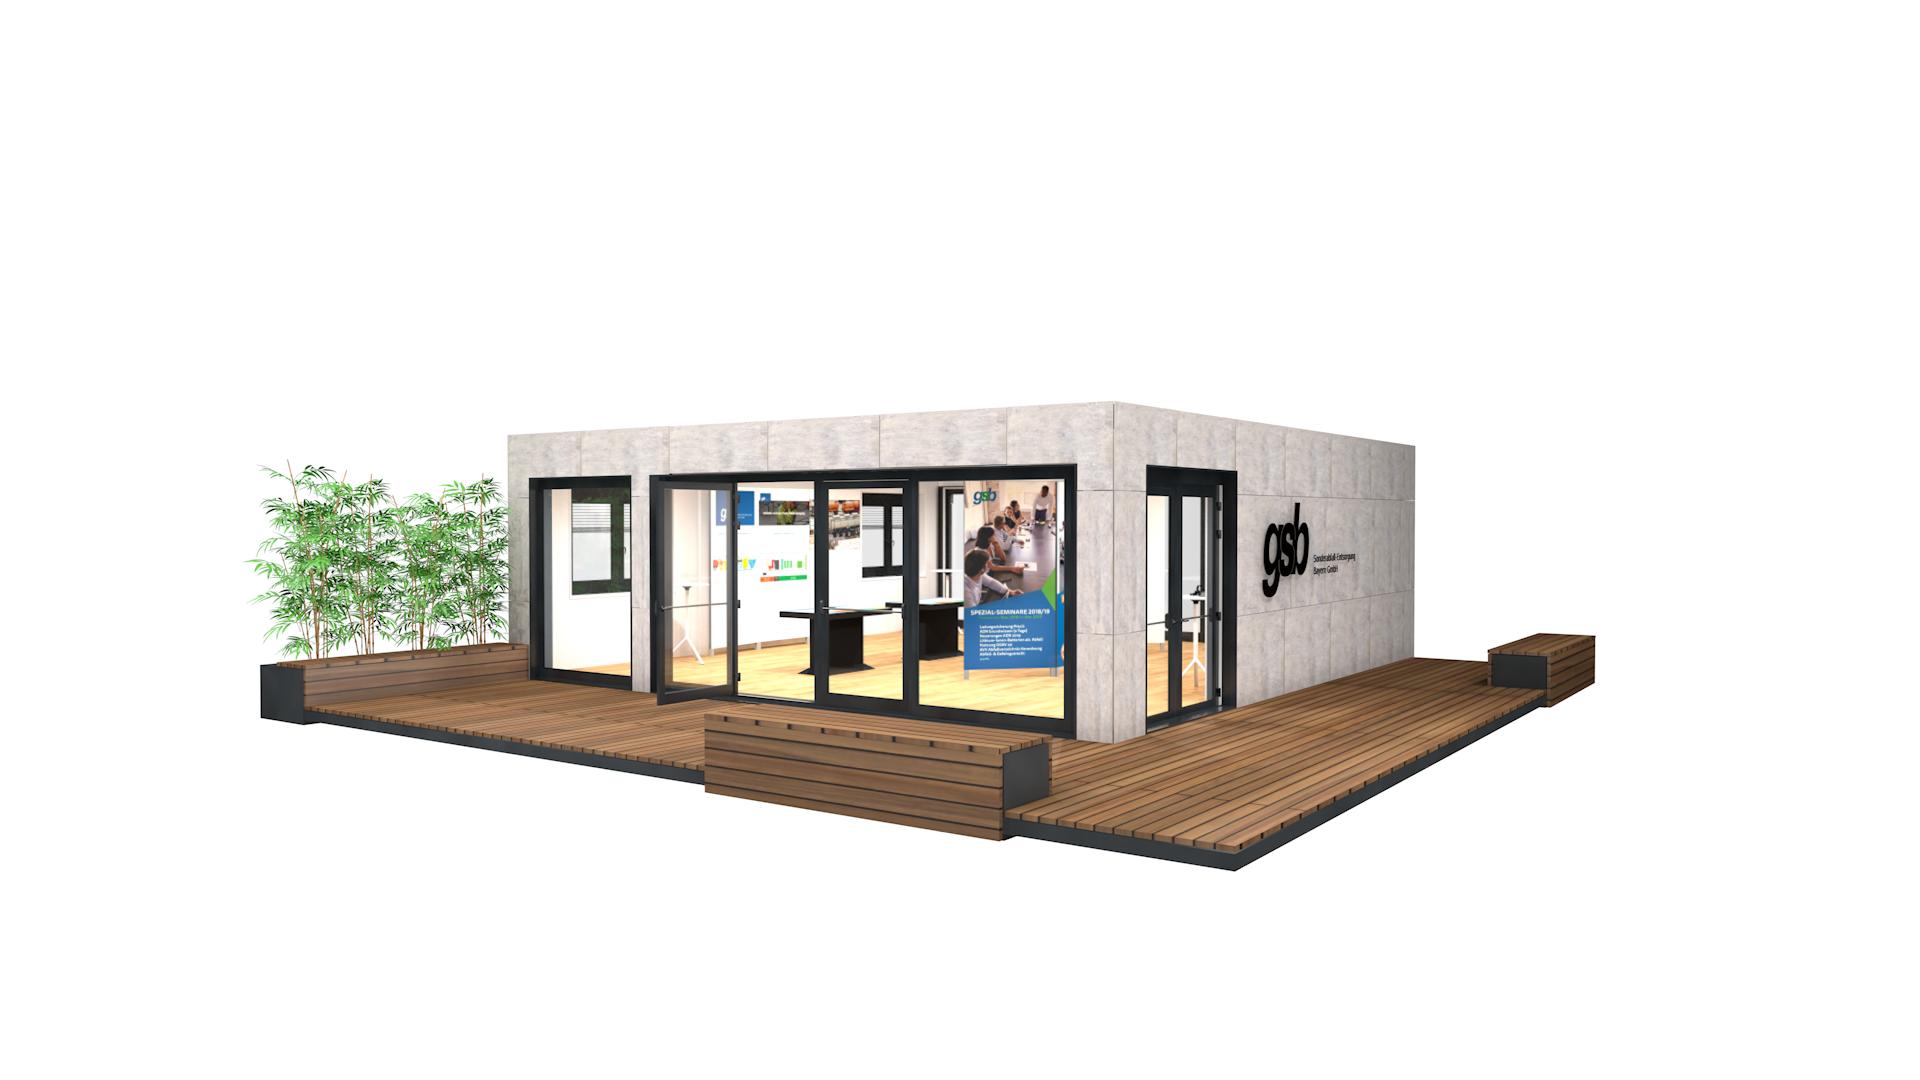 Containermodul Ausstellung